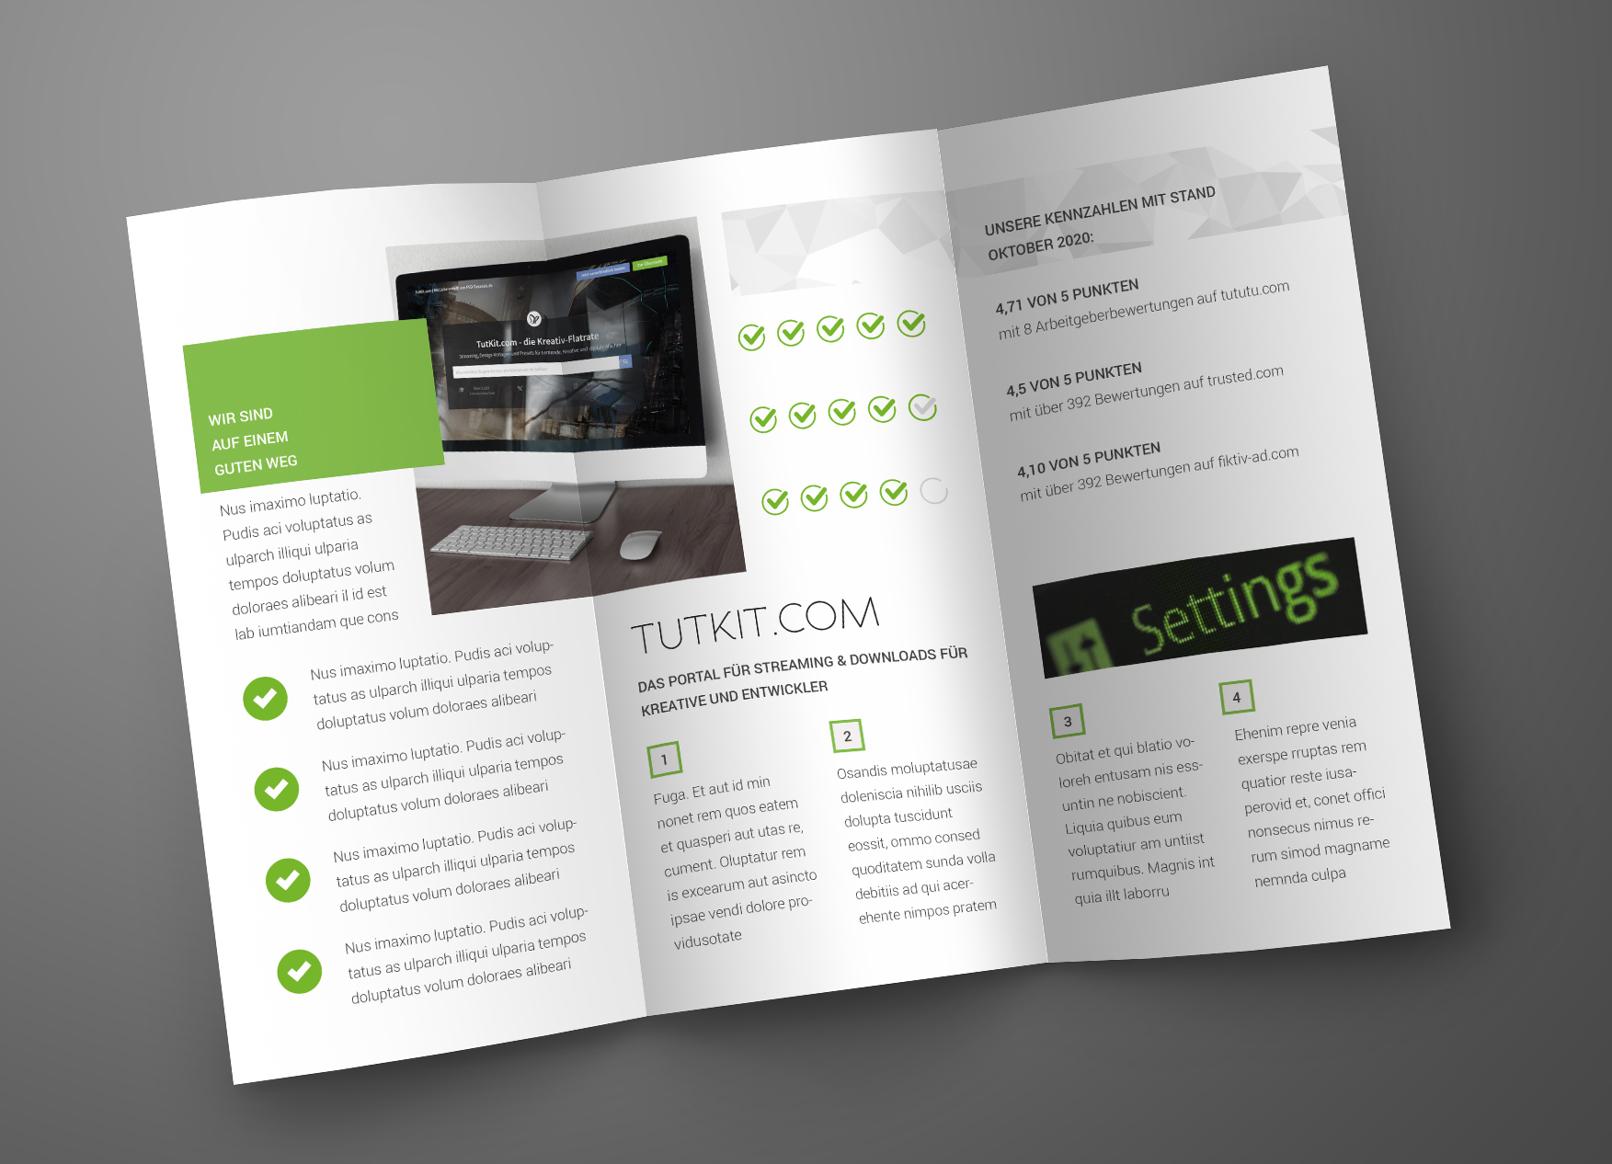 Grafik-Vorlagen für Bewertungssysteme, eingesetzt in einem Flyer